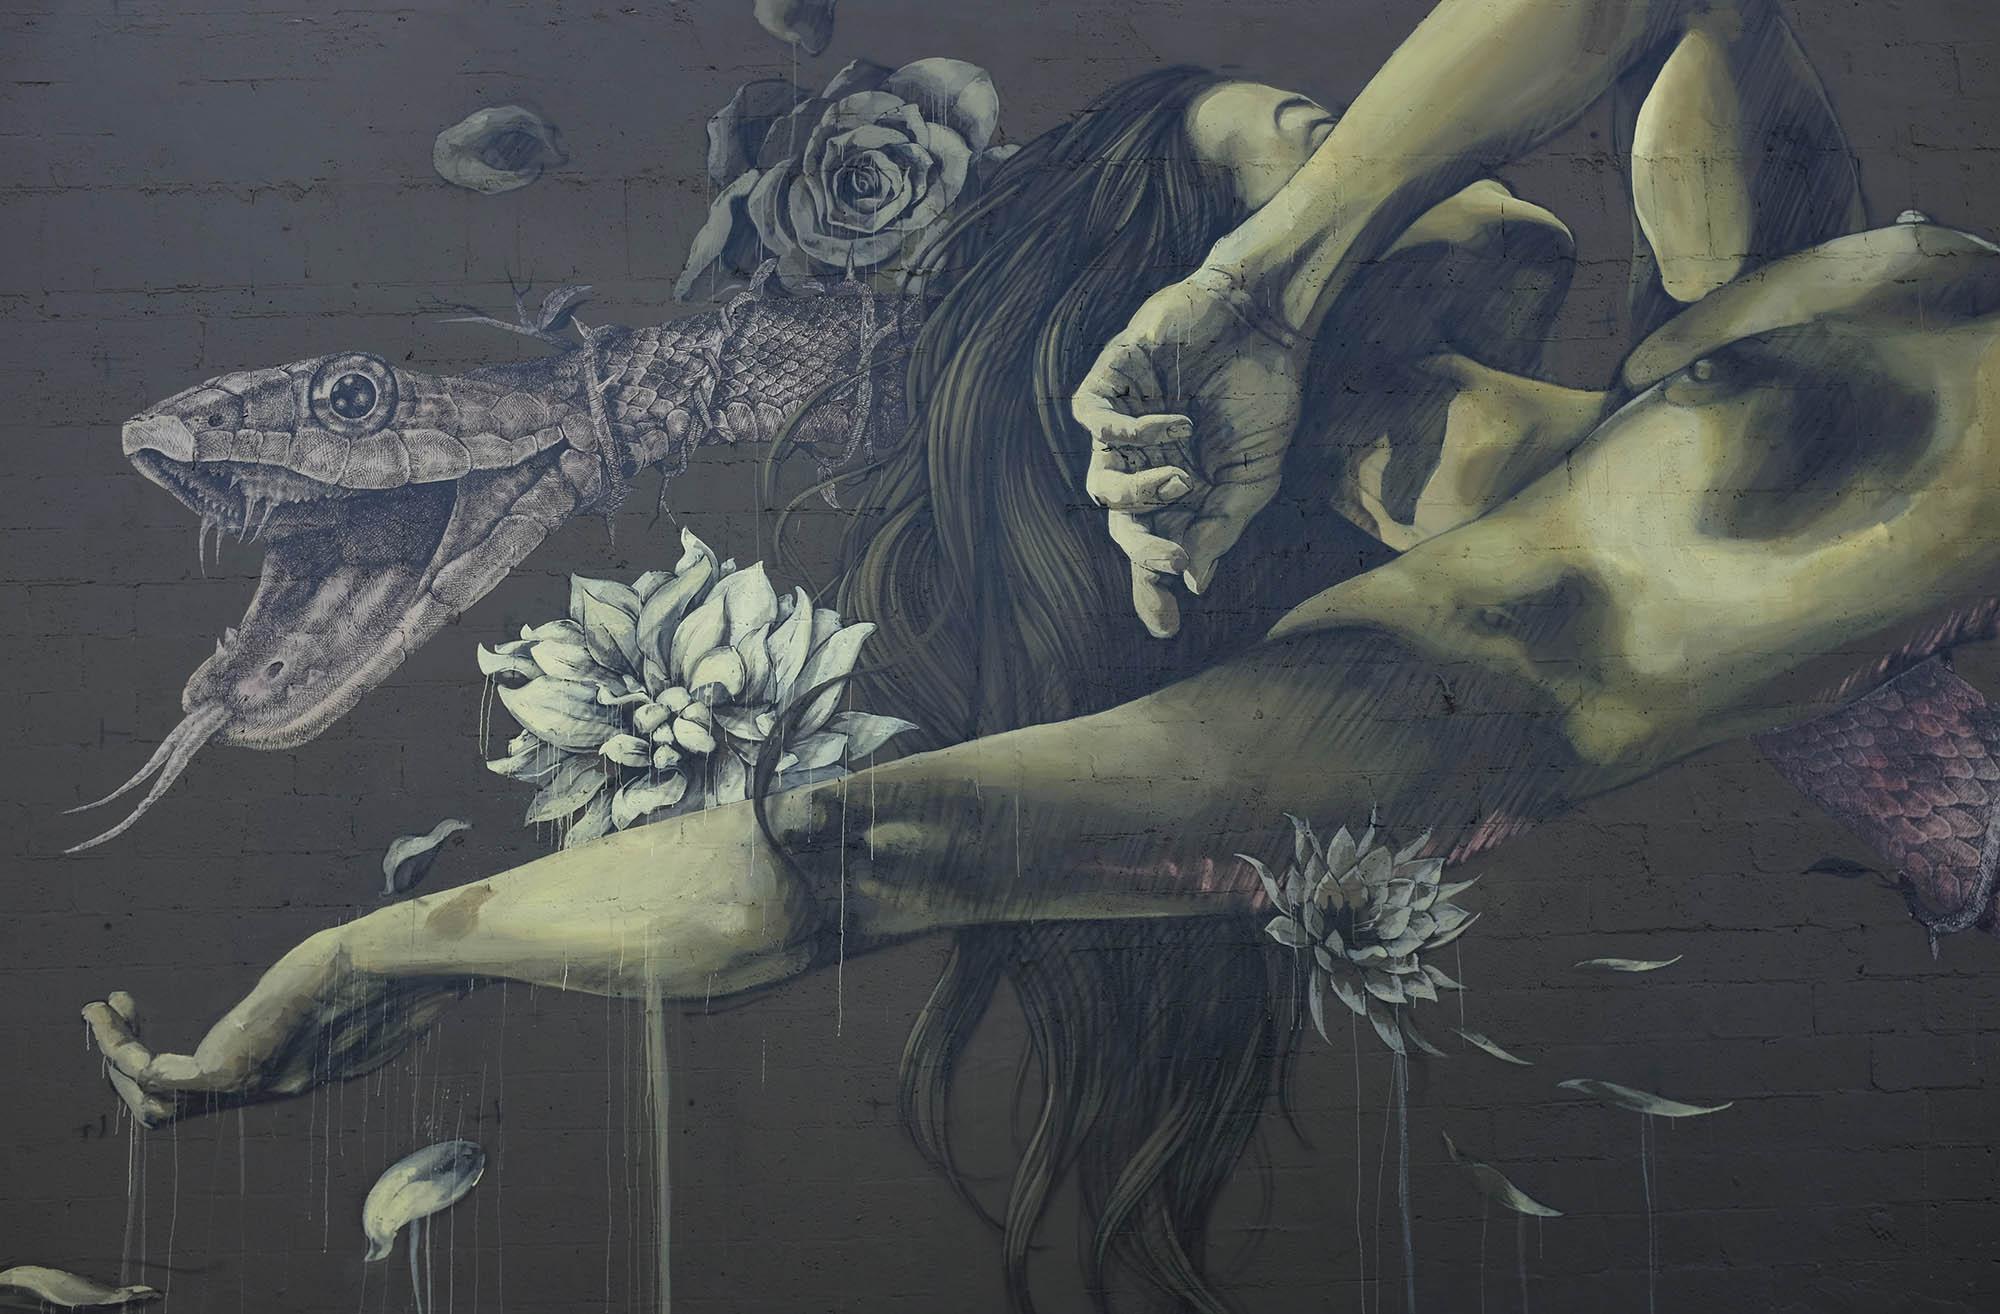 alexis-diaz-faith47-at-art-basel-2014-02